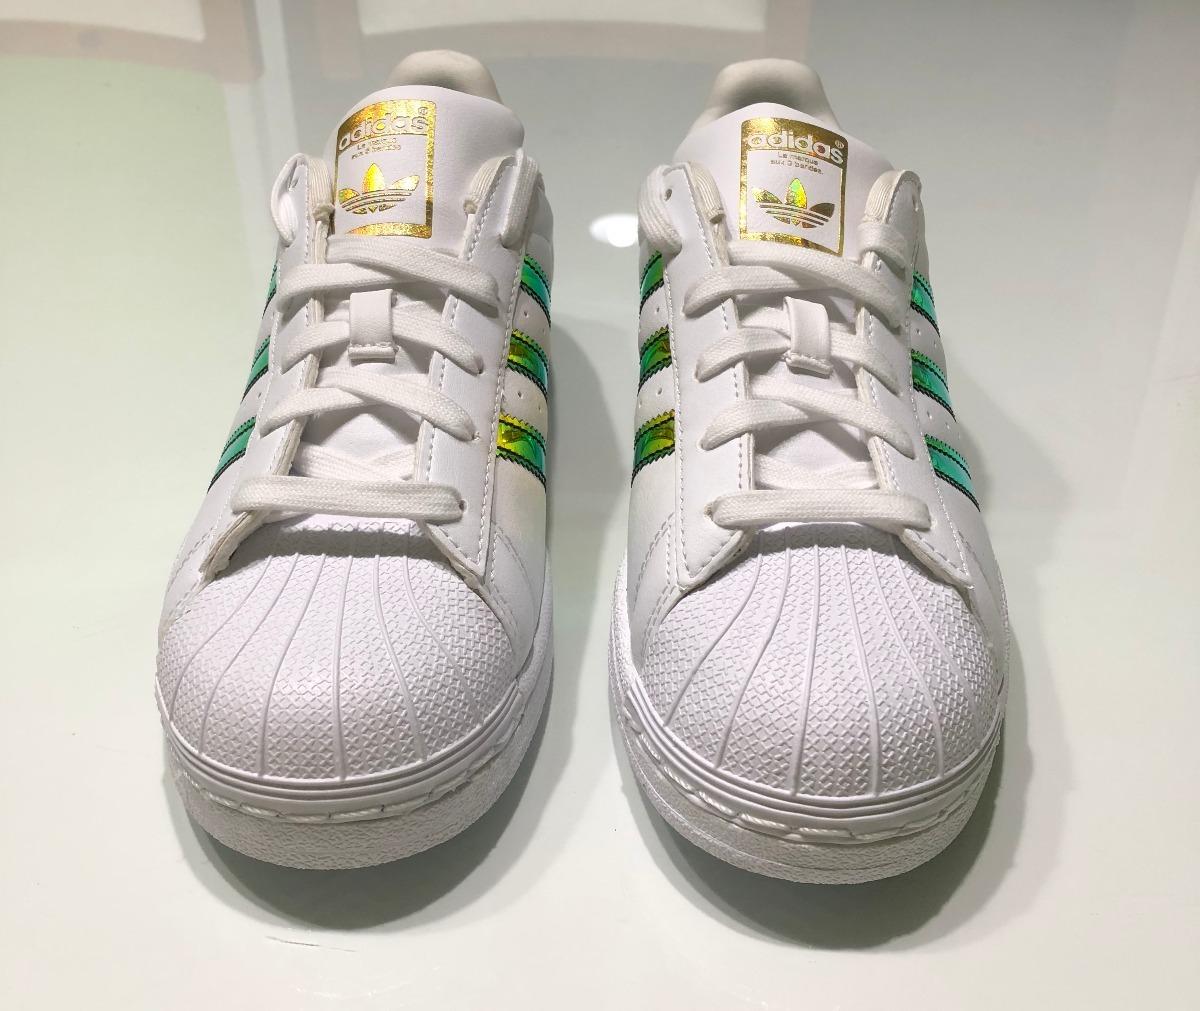 Zapatillas adidas Superstar Originales Mujer Fr38